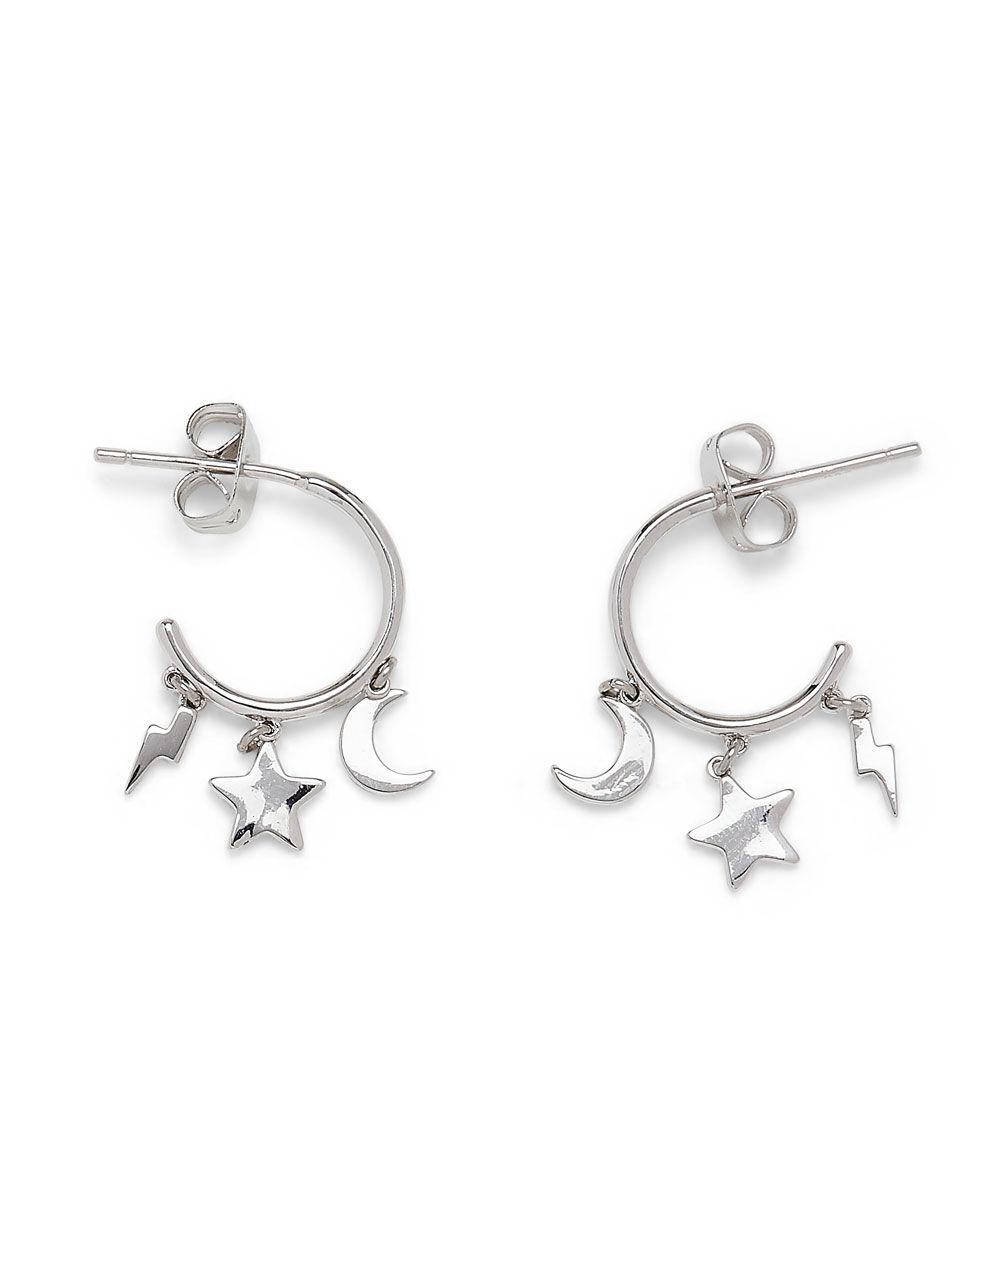 PURA VIDA Celestial Charms Huggie Hoop Earrings